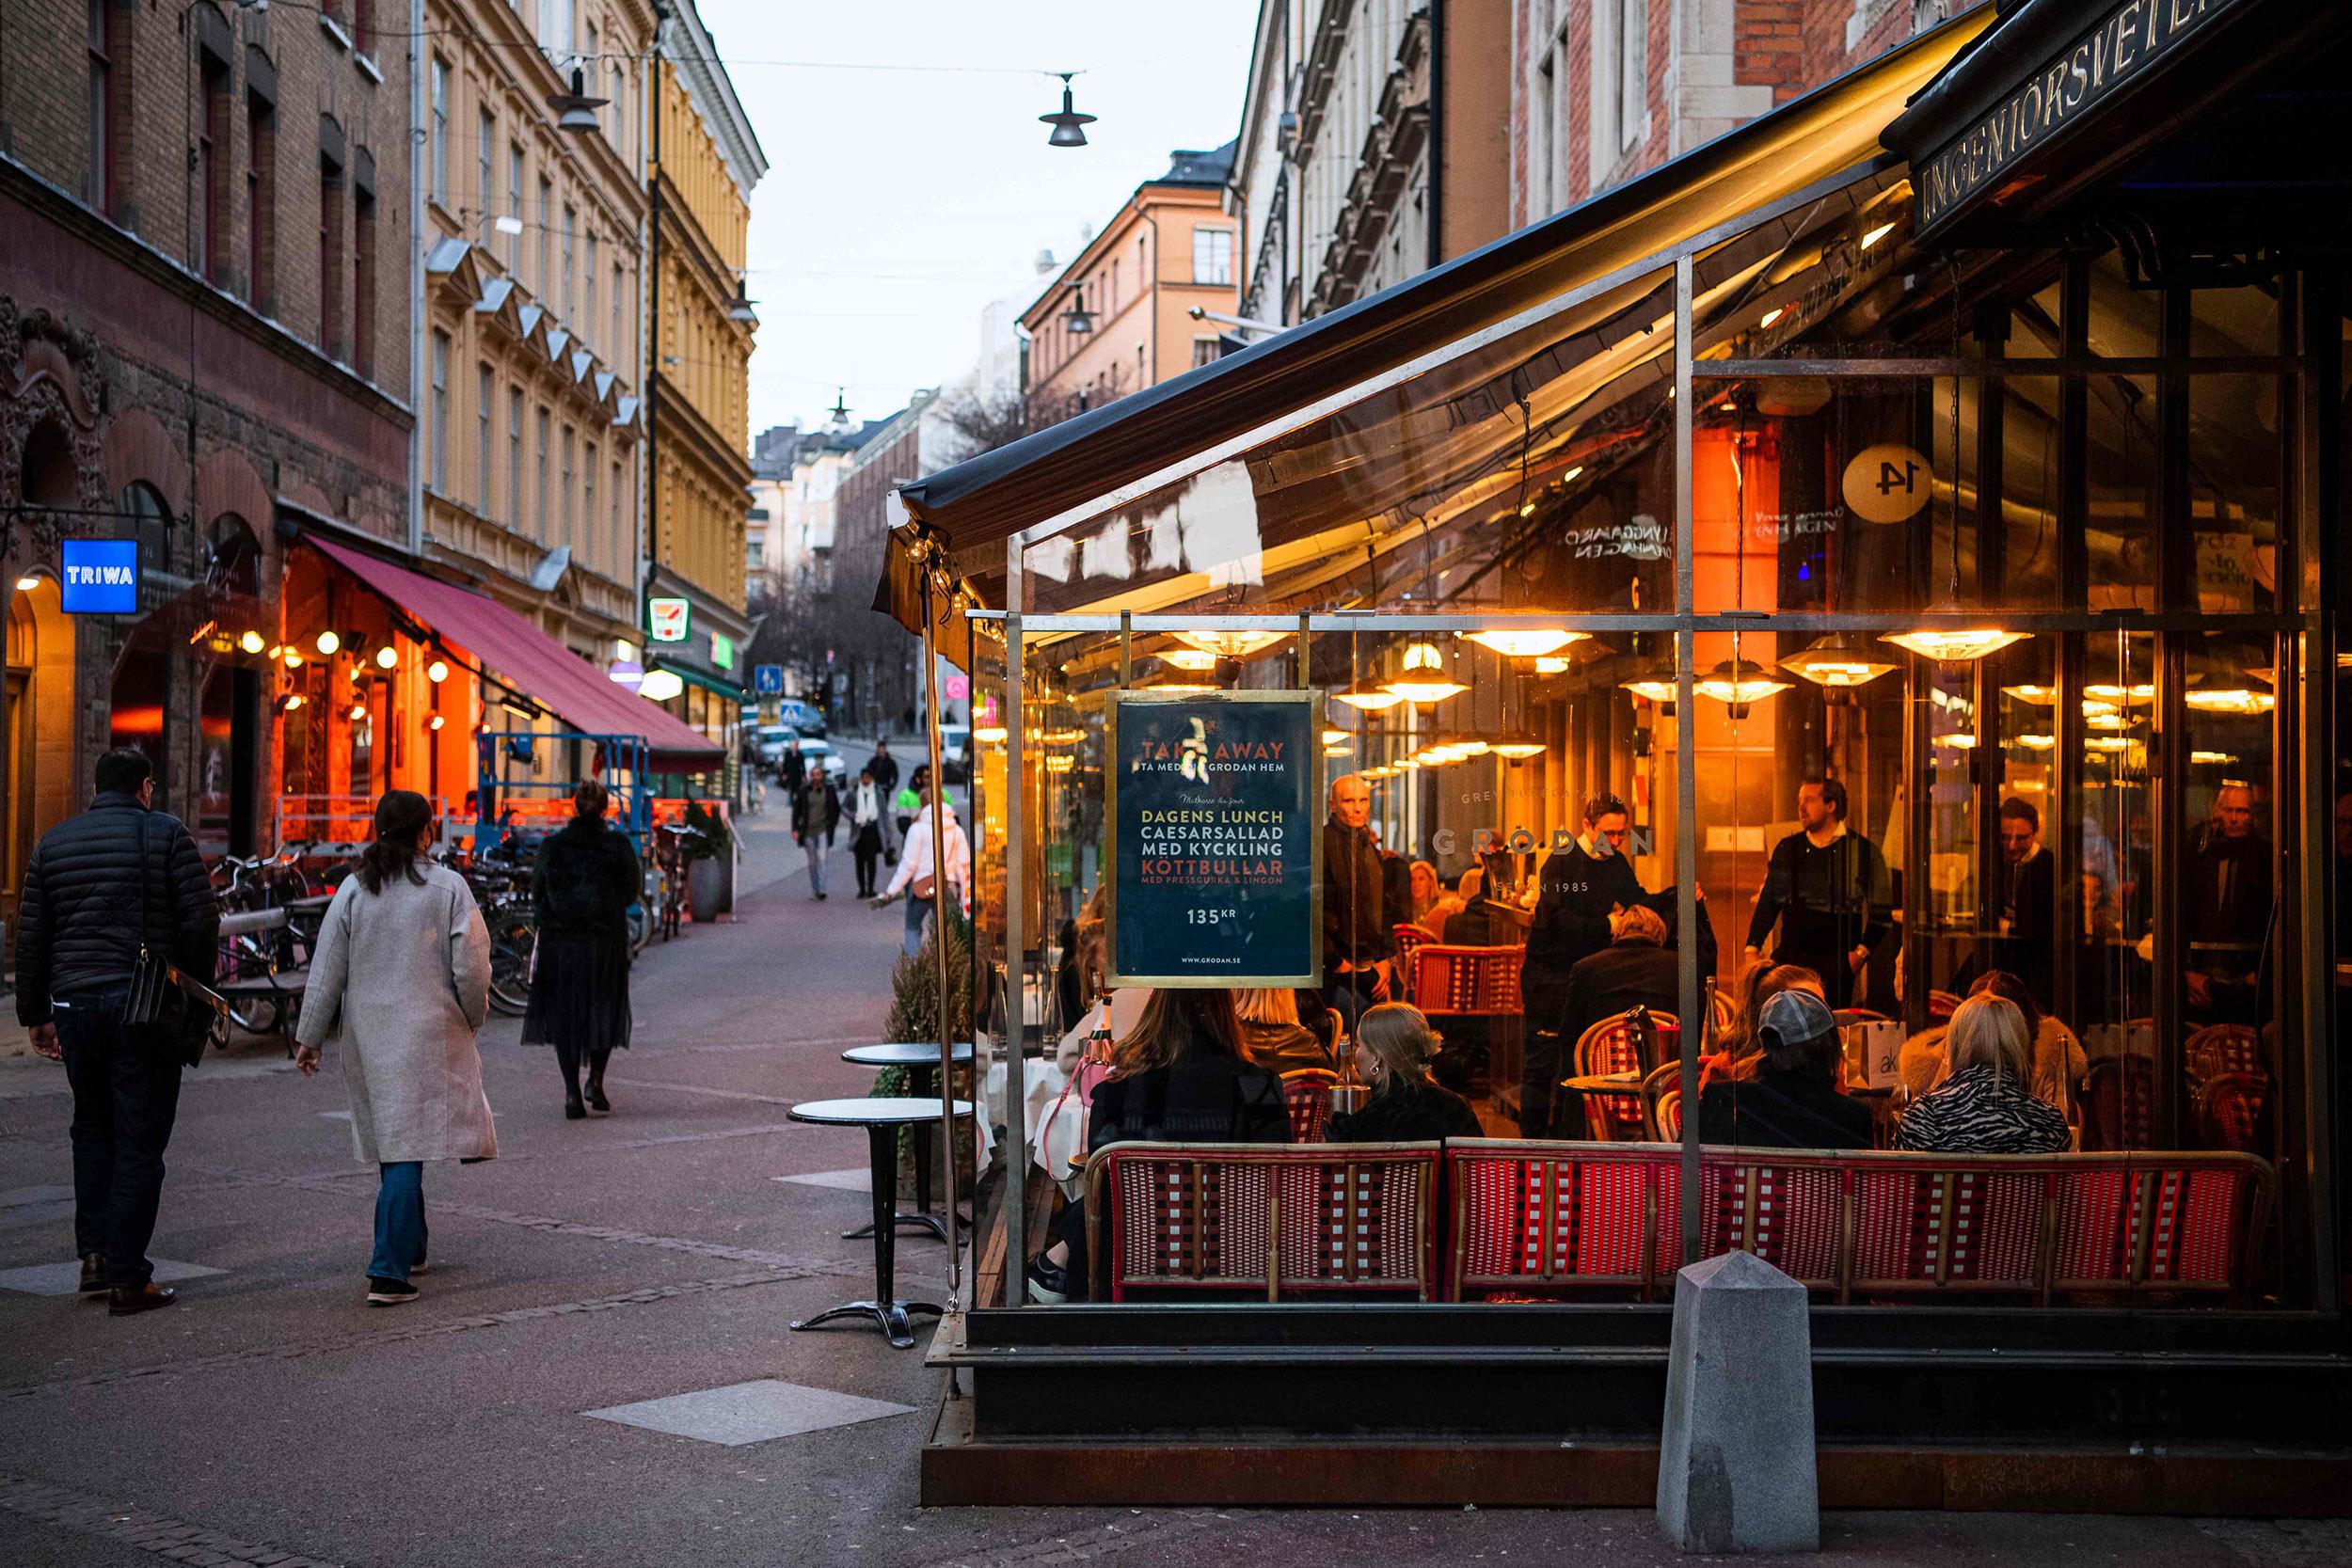 Građani Stoholma večeraju u restoranu i šetaju ulicom tokom pandemije virusa COVID-19, 27. mart 2020. (Foto: Jonathan Nackstrand/AFP/Getty Images)